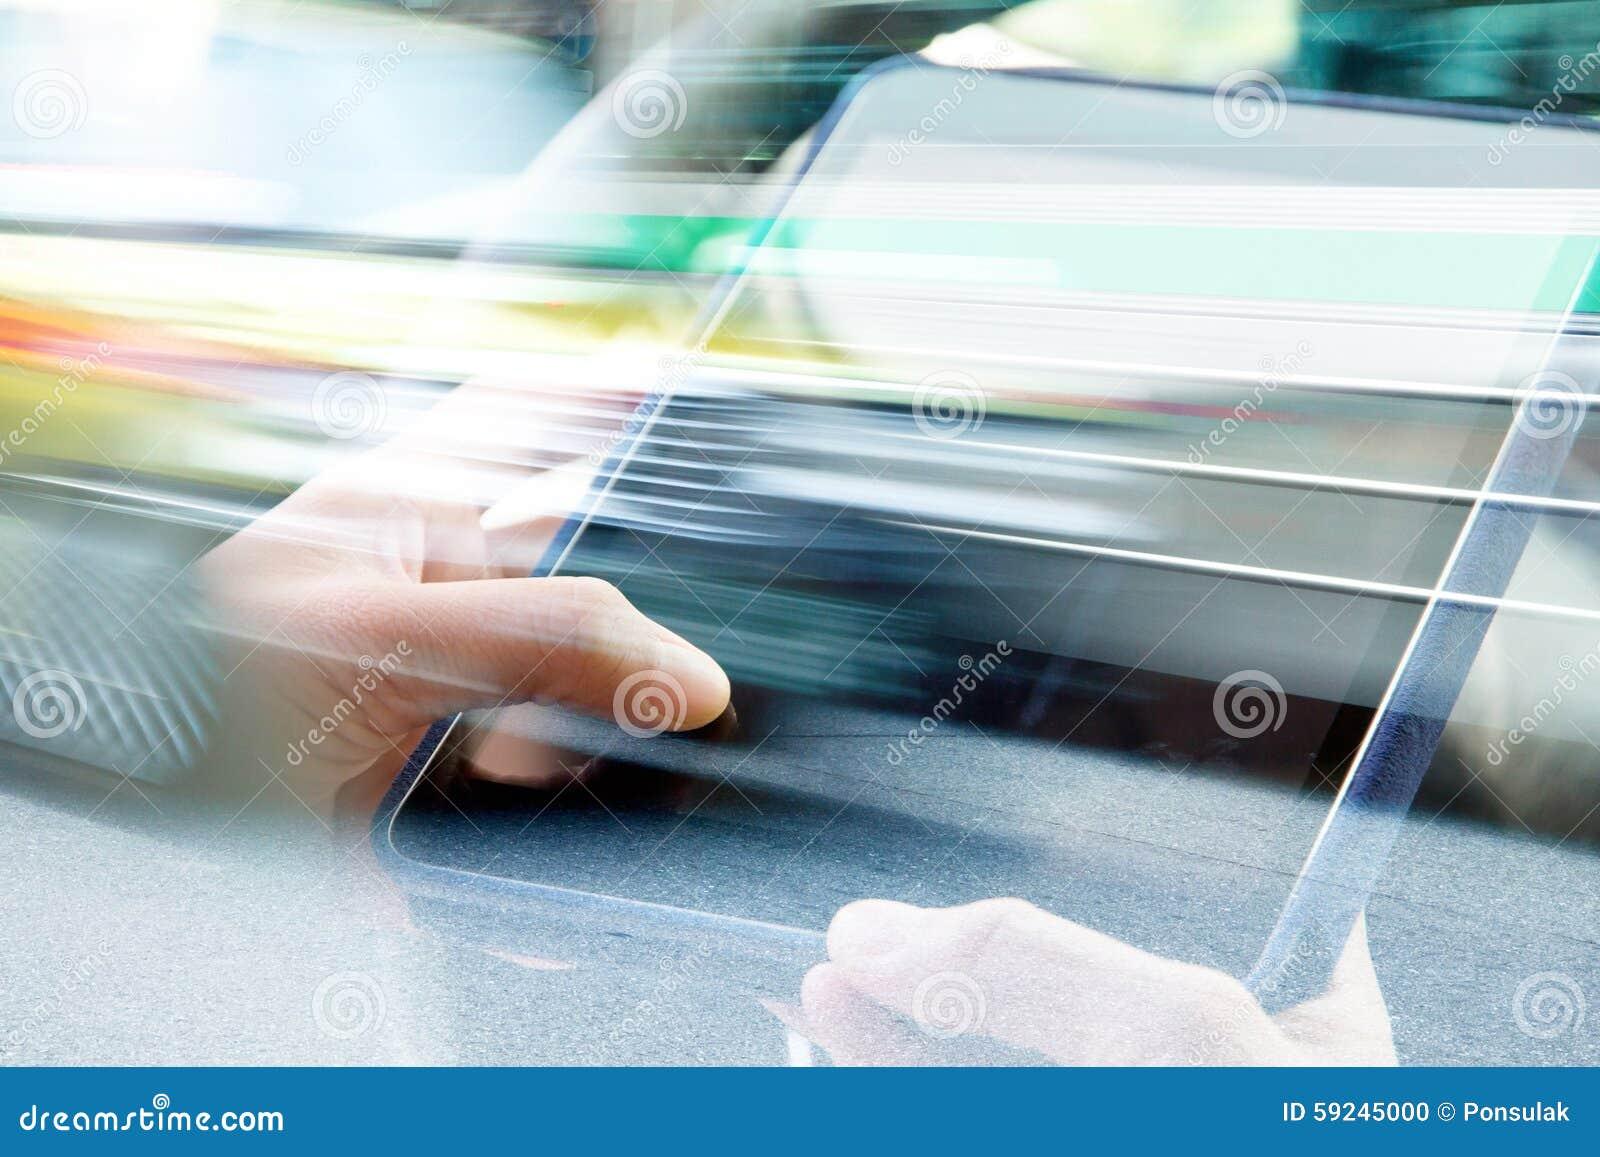 Usando la exposición doble de la tableta digital